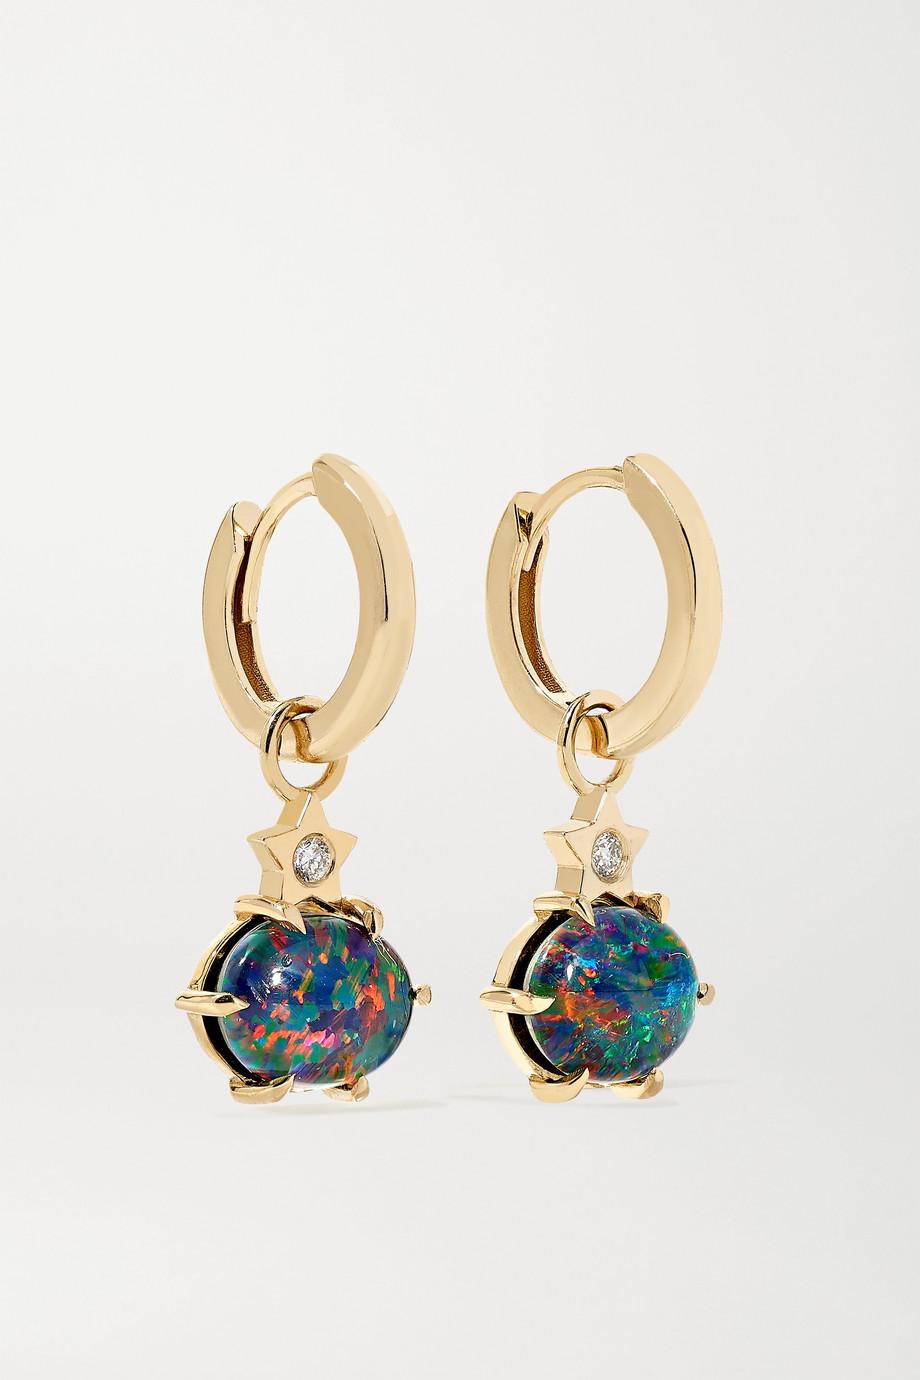 Andrea Fohrman Boucles d'oreilles en or 14 carats, opales et diamants Mini Cosmo